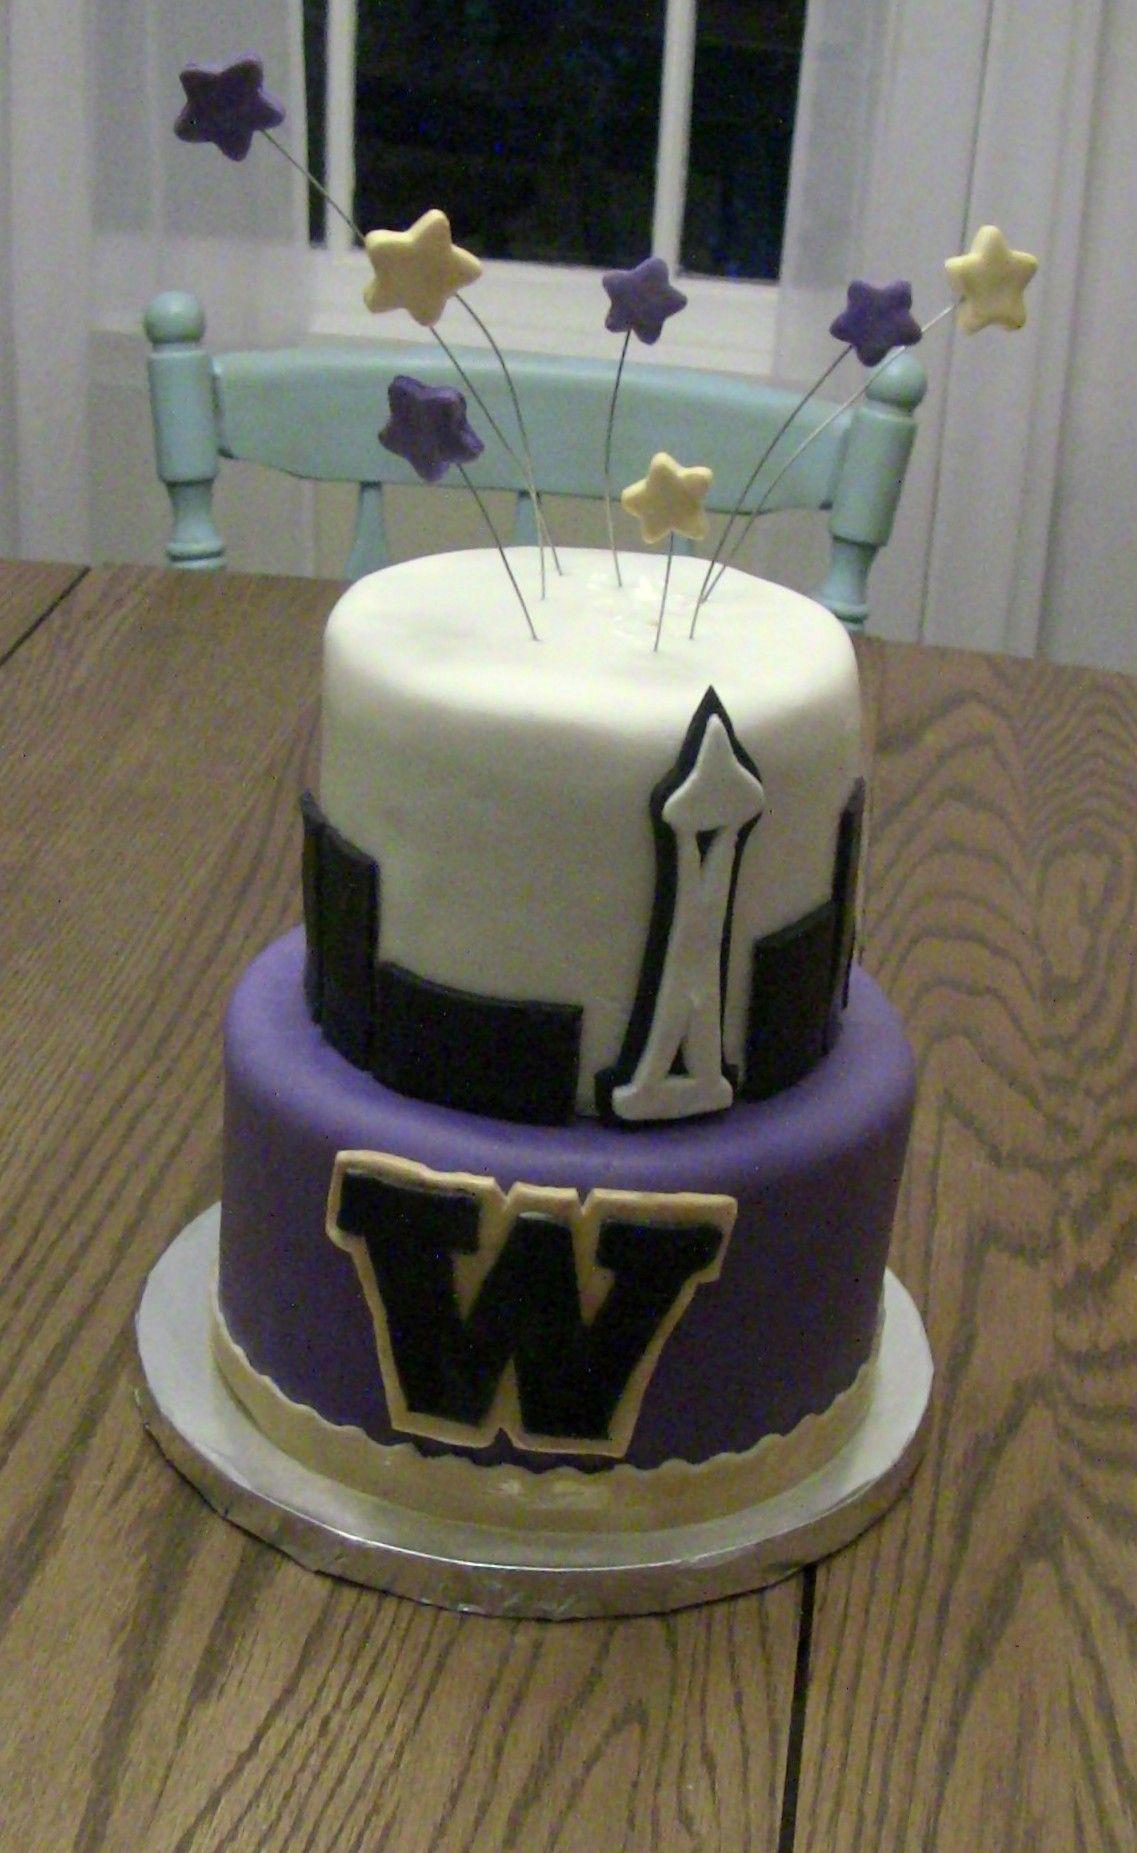 Seattle Cake Uw Cake University Of Washington Cake Space Needle